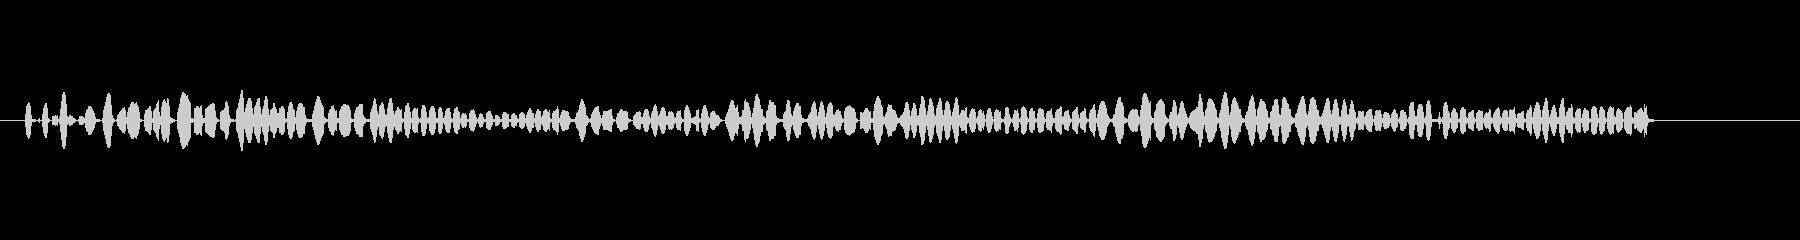 パーカッションギカ-ミュージカルア...の未再生の波形